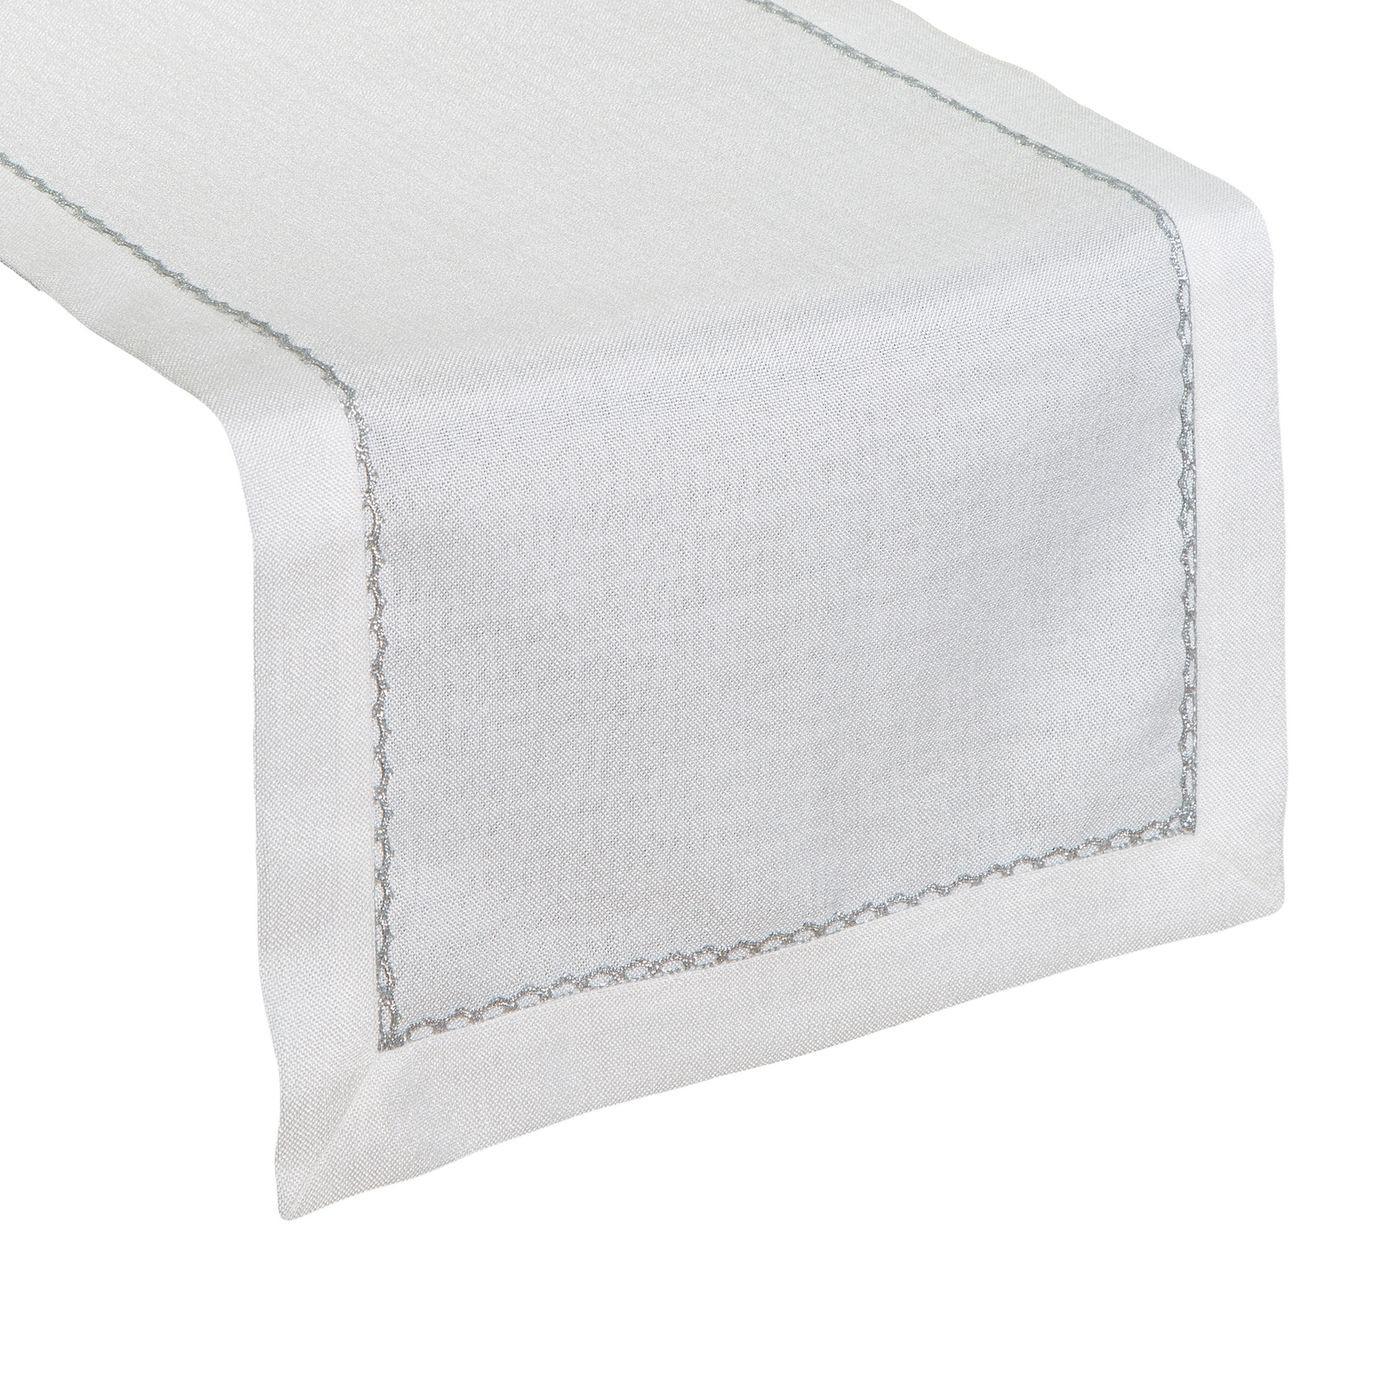 Biały bieżnik do jadalni ze srebrną koronką 40x140 cm